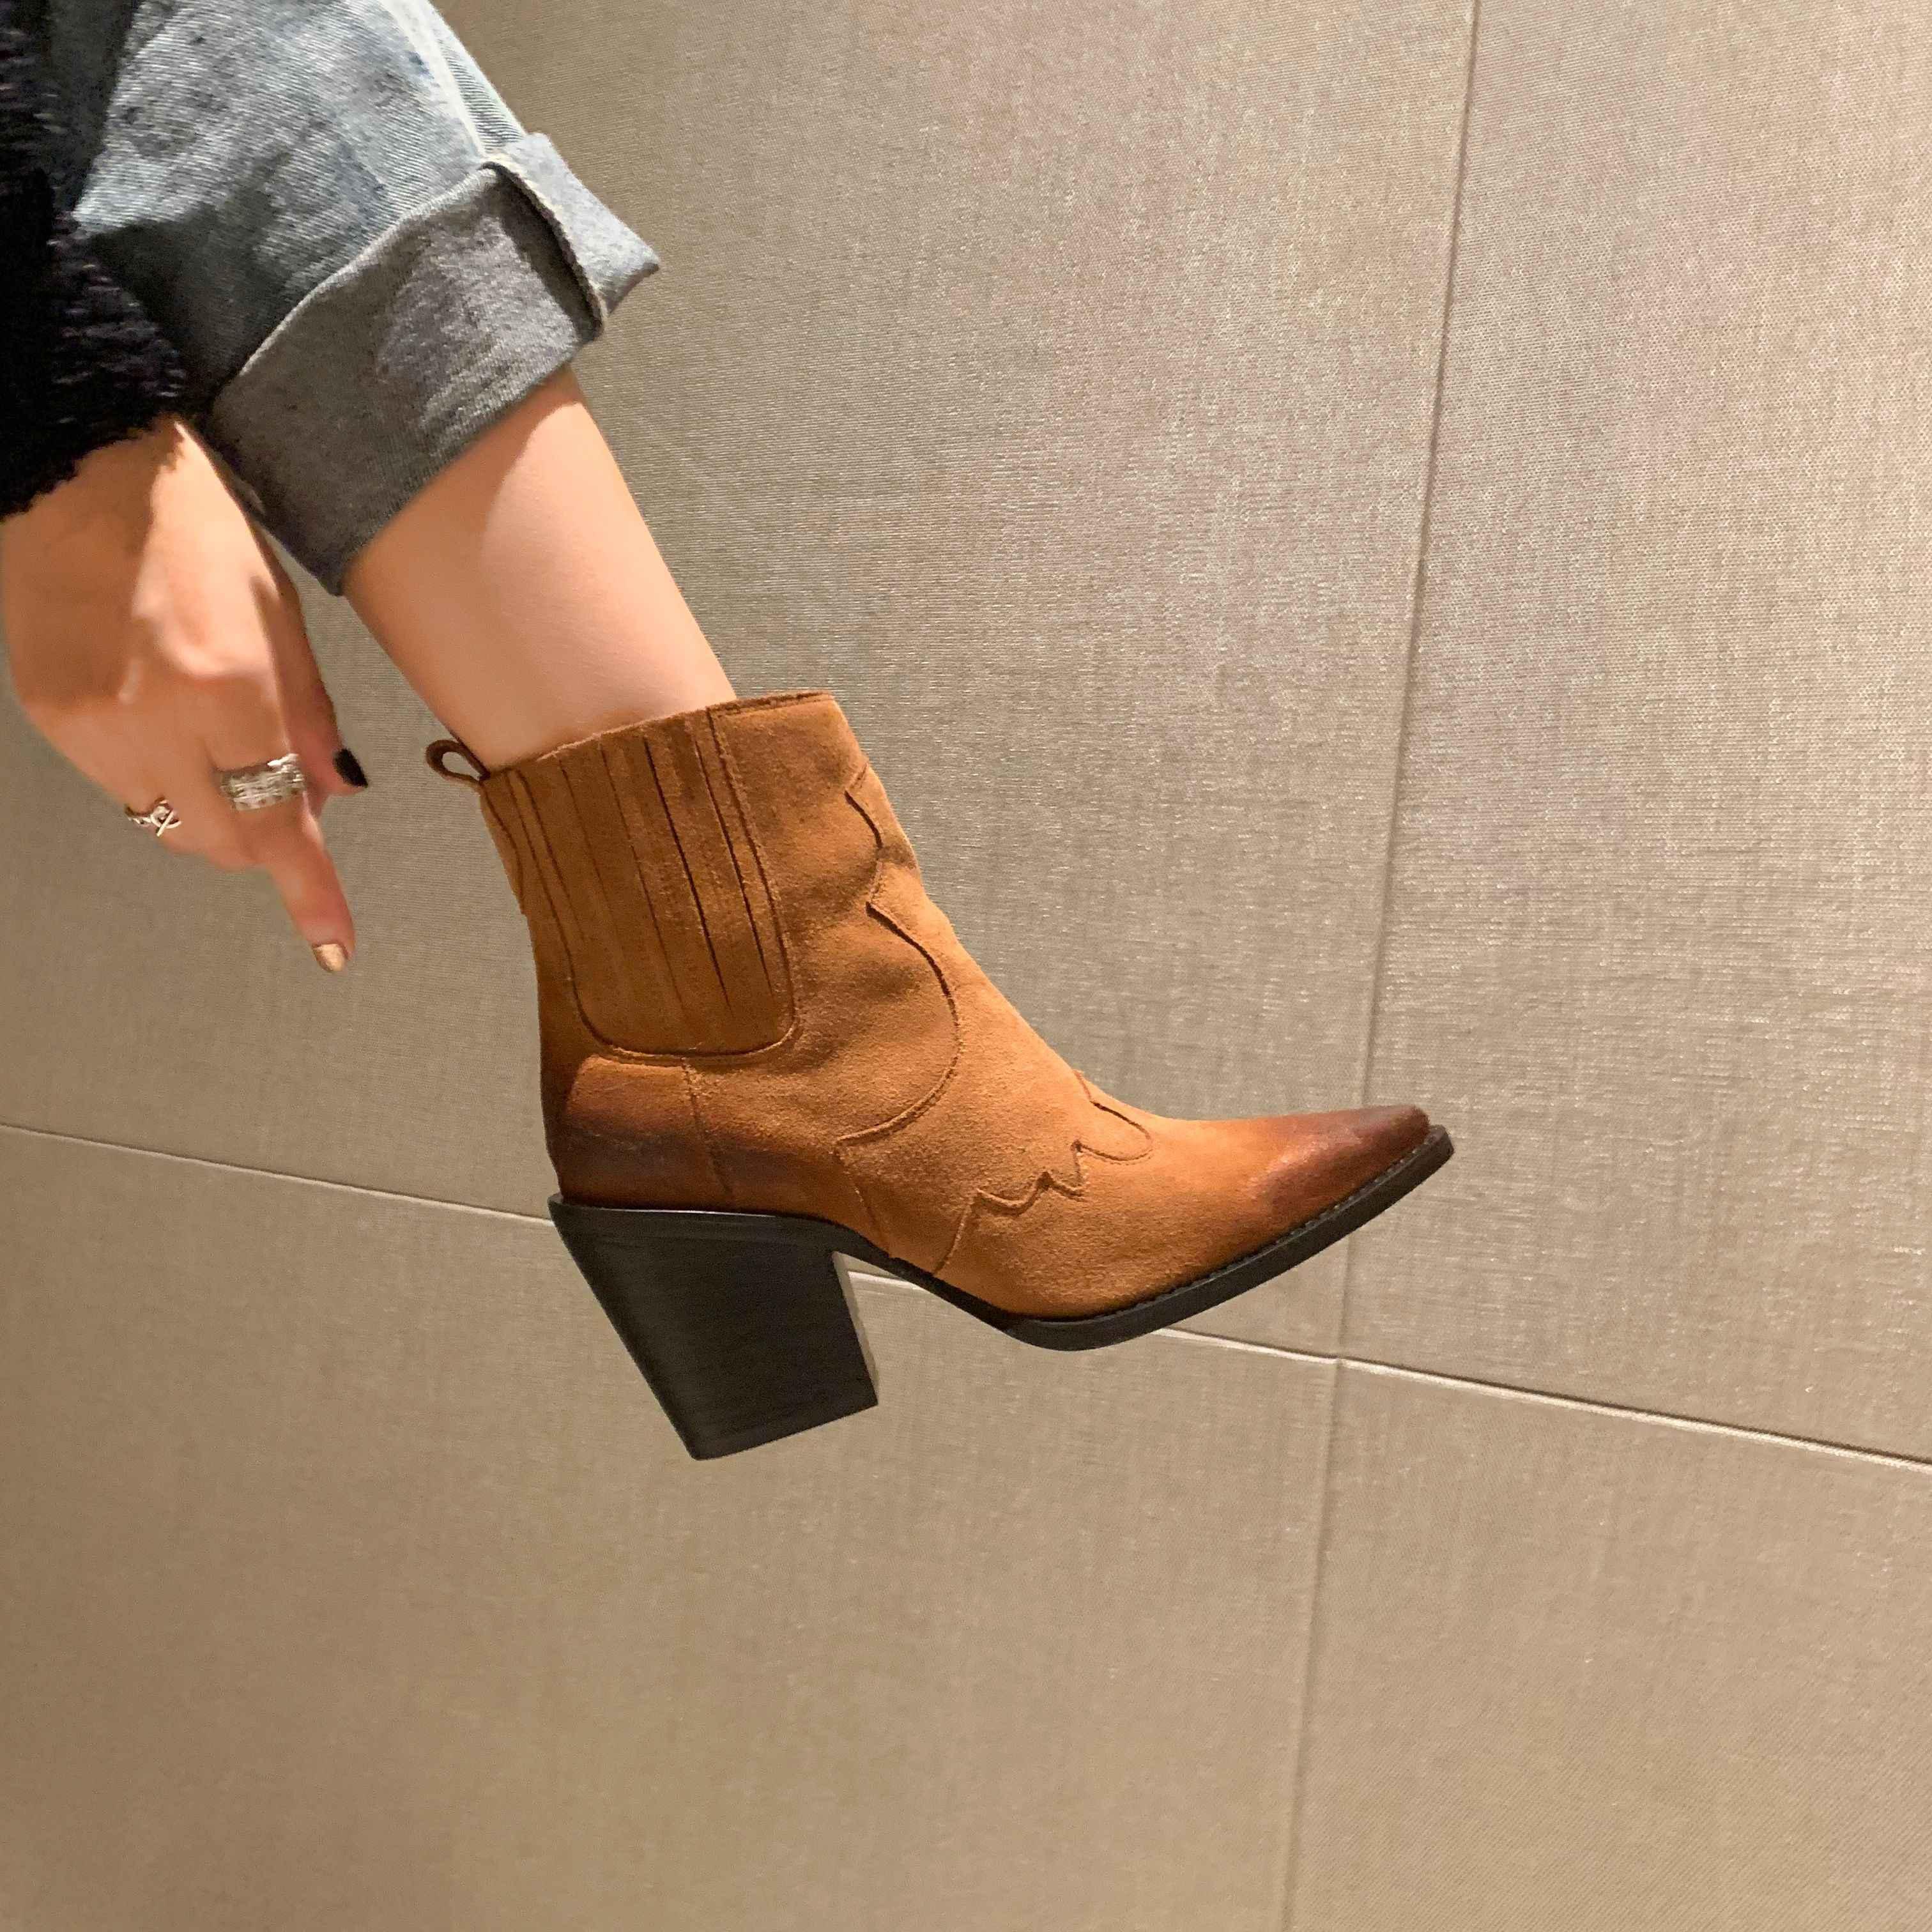 Deri çizmeler kadın hakiki sivri burun orta topuk yarım çizmeler kalın kare topuk üzerinde kayma batı botları kovboy çizmeleri kadın 2020 yeni